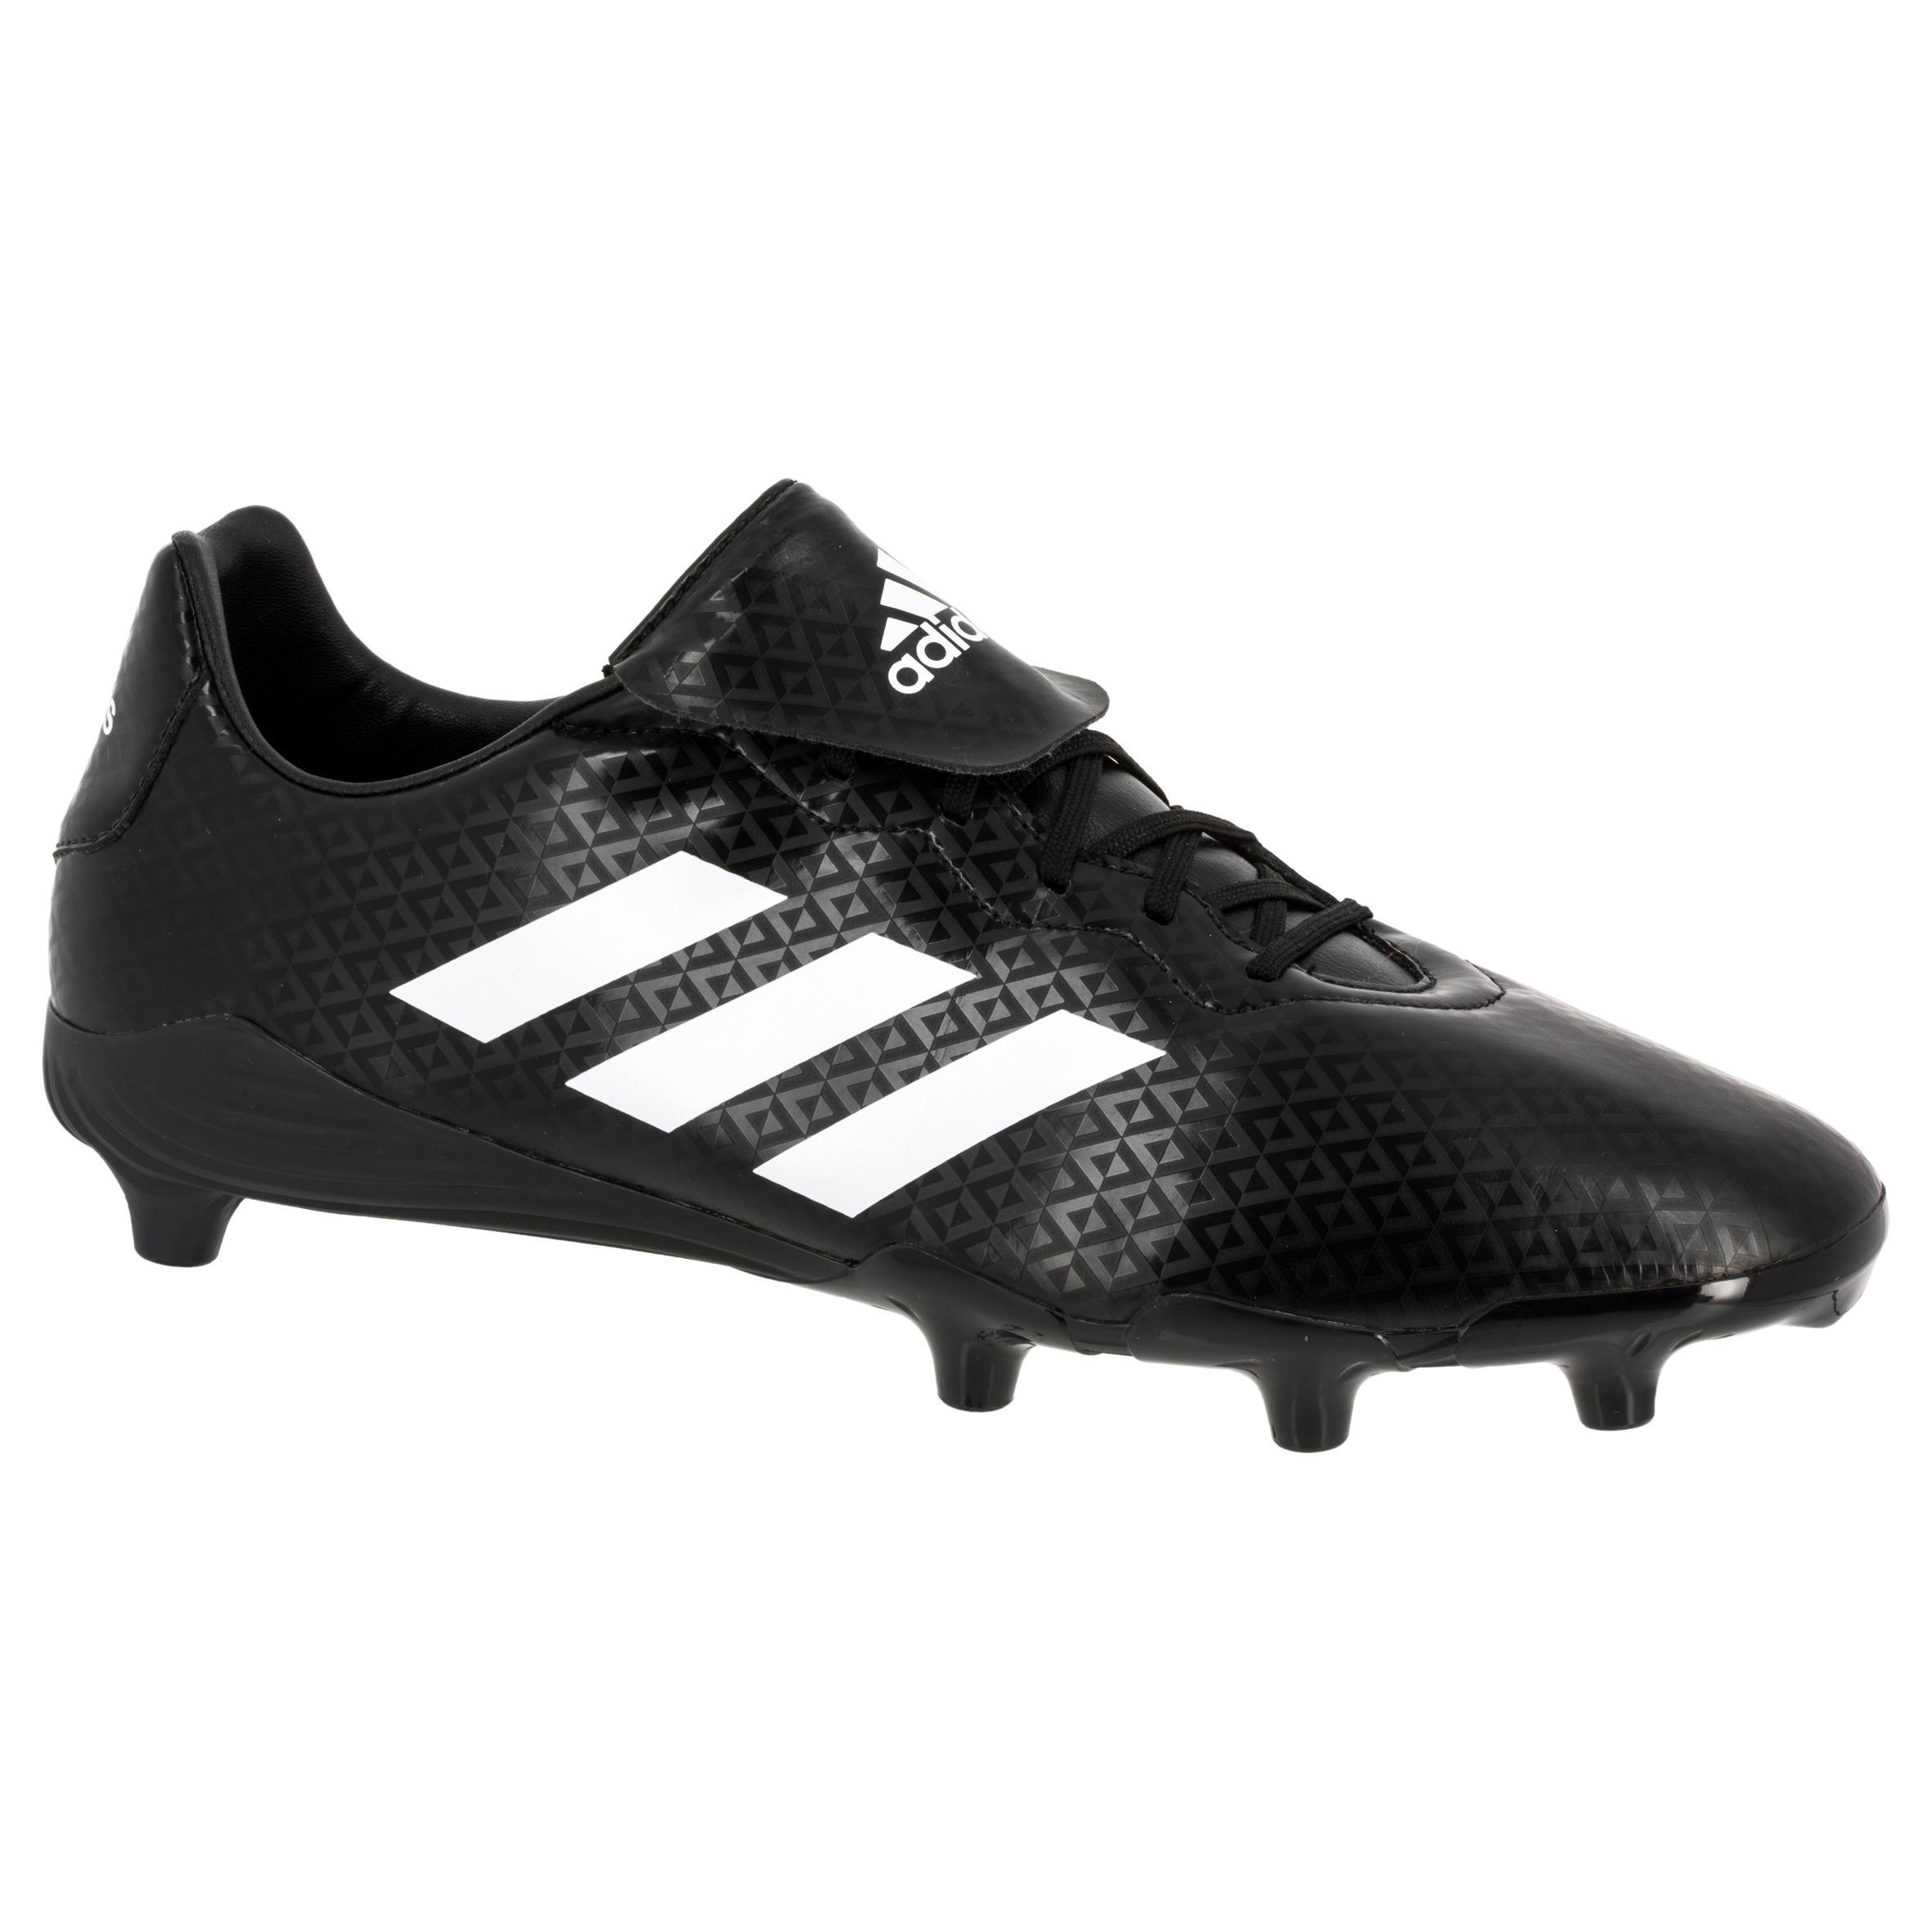 online retailer d6b5d 97674 Comprar botas de rugby para adultos y niños  Decathlon